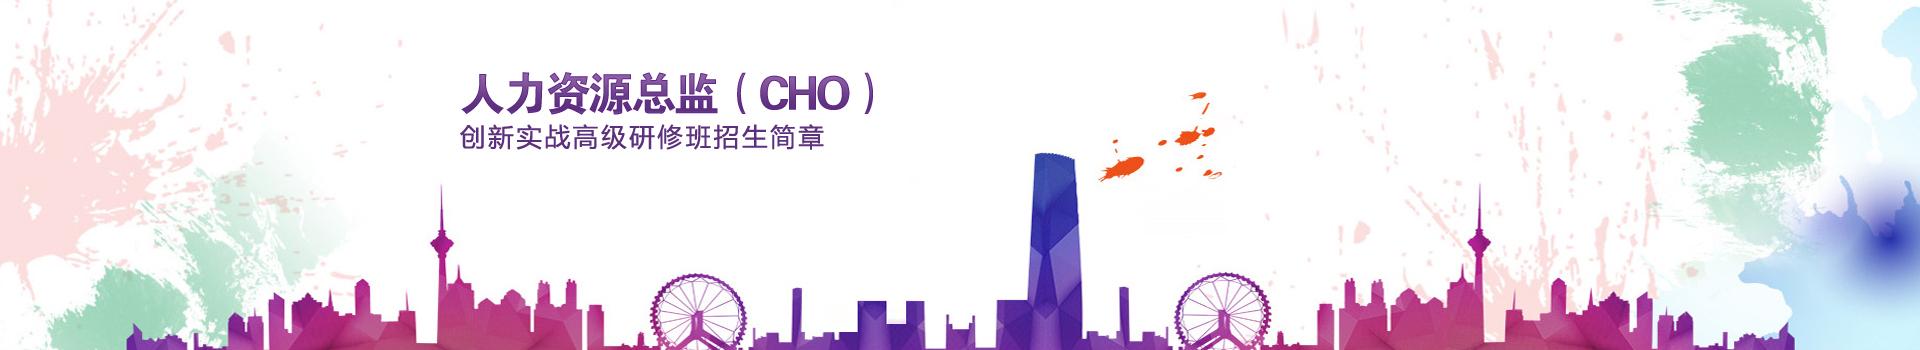 清华大学人力资源总监(CHO)创新实战高级研修班招生简章